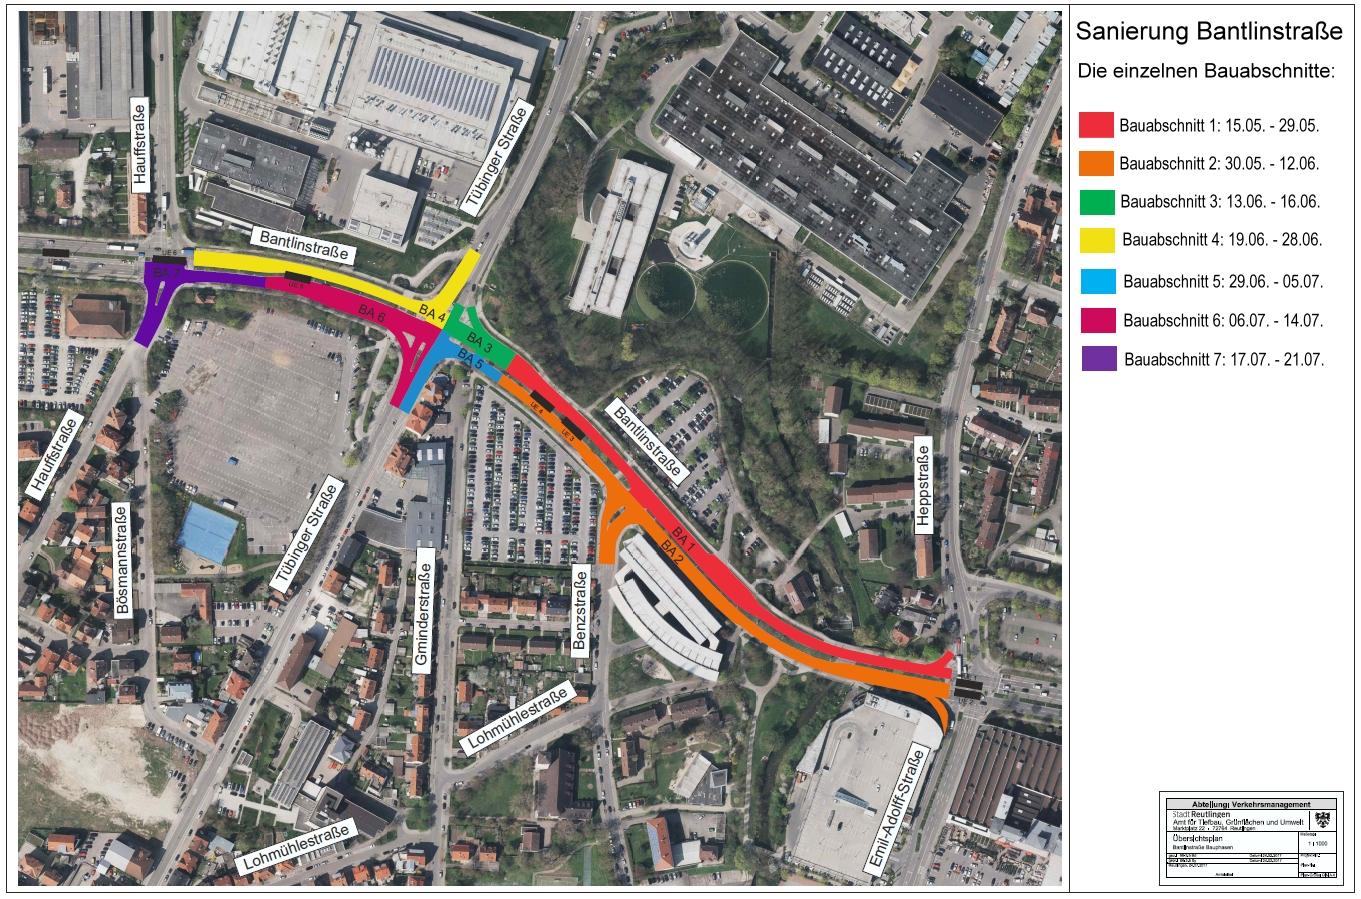 Sanierung der Bantlinstraße - Bauabschnitte 1 bis 7